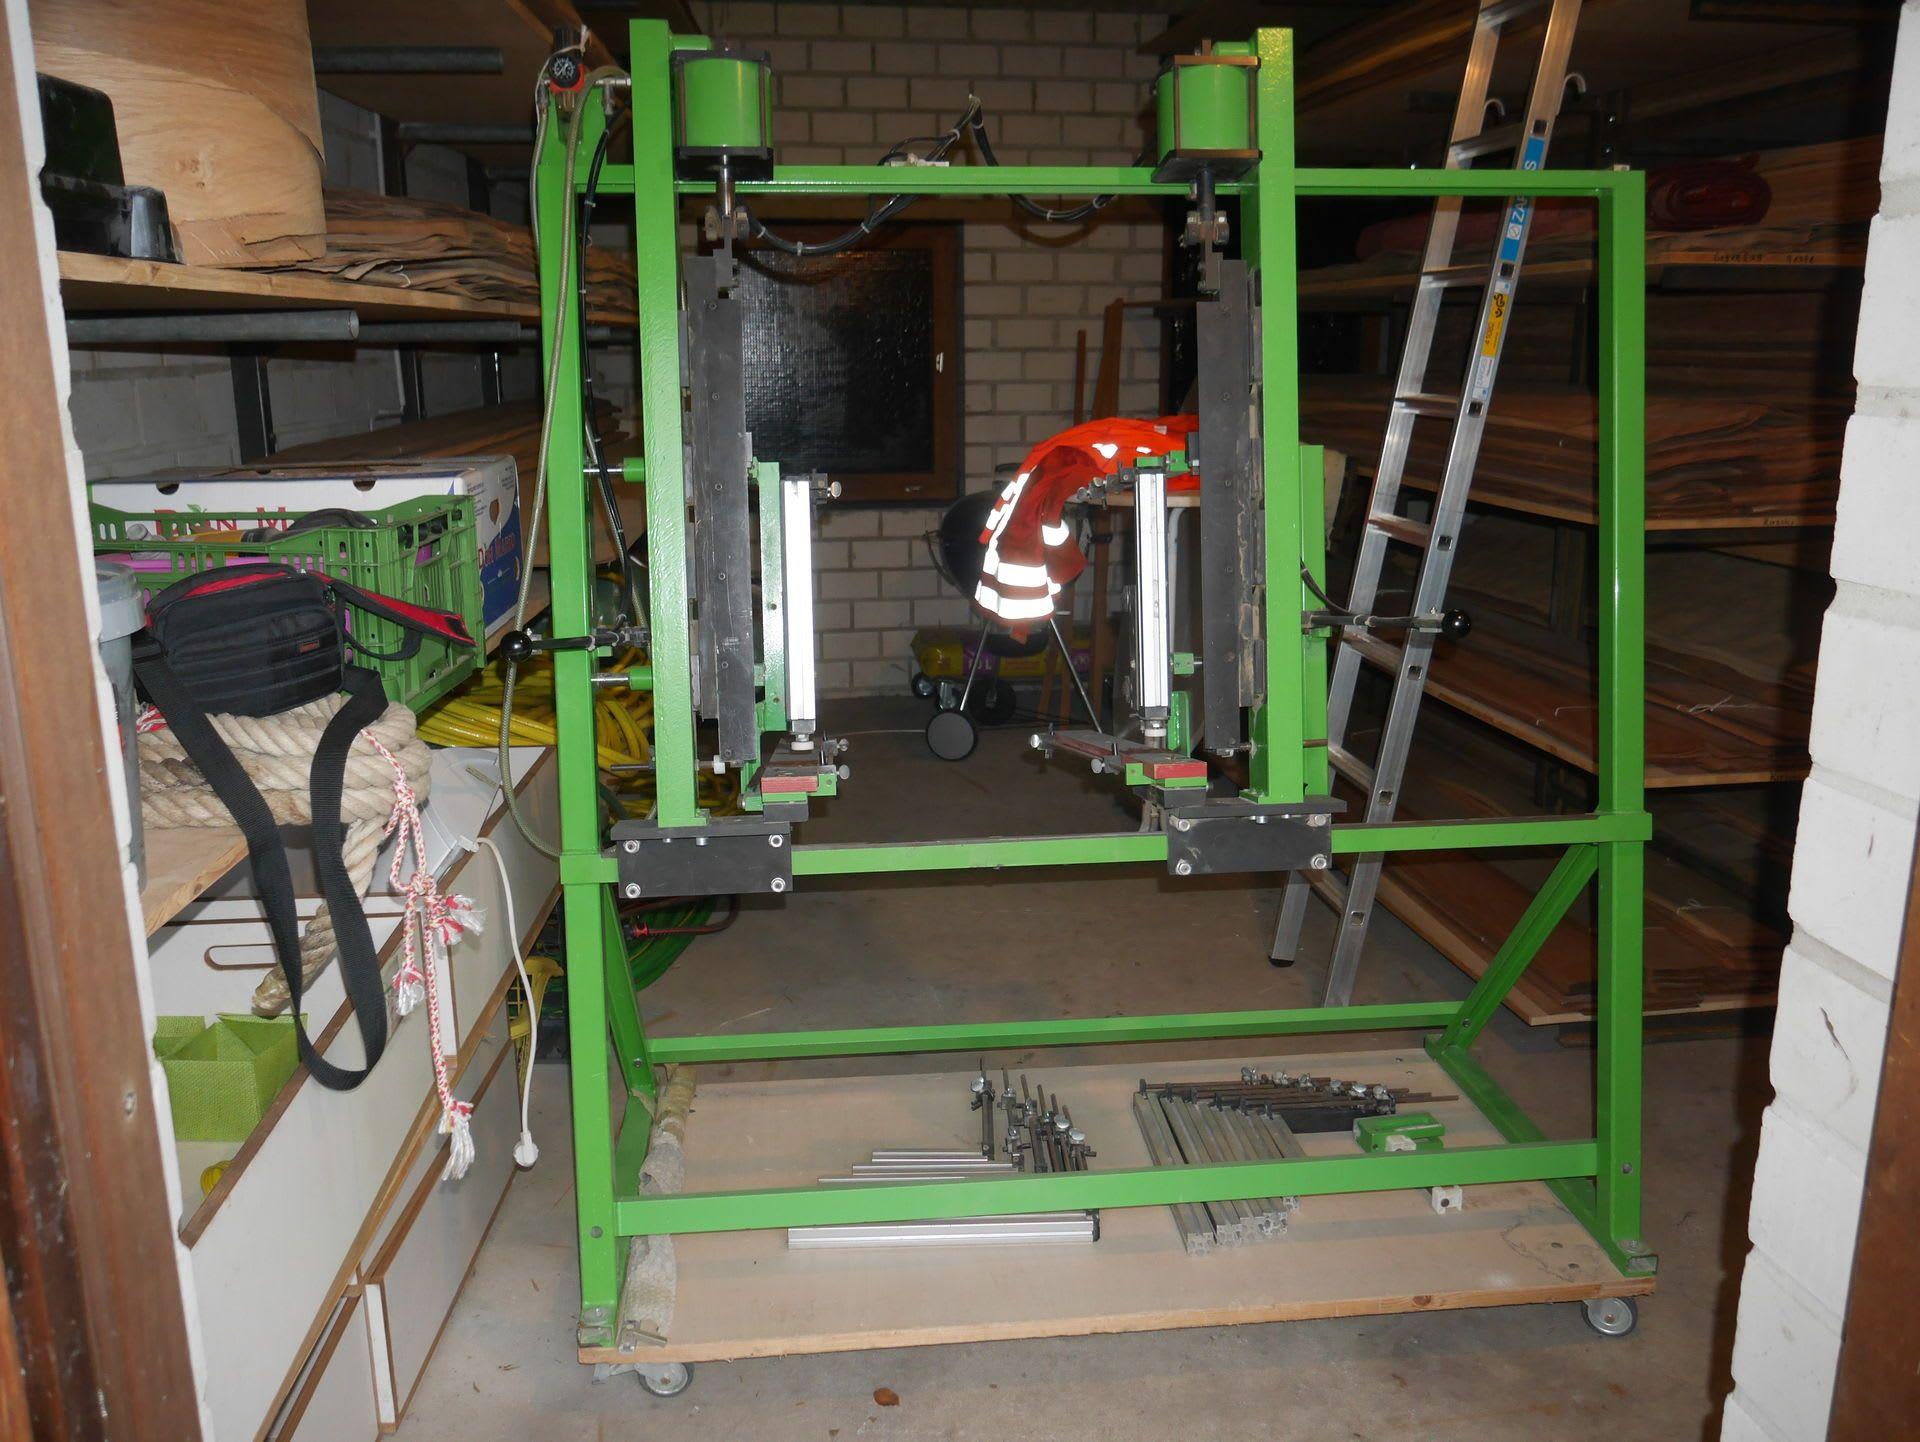 GRASS ZPM und Unipress Beschlagbohrmaschine